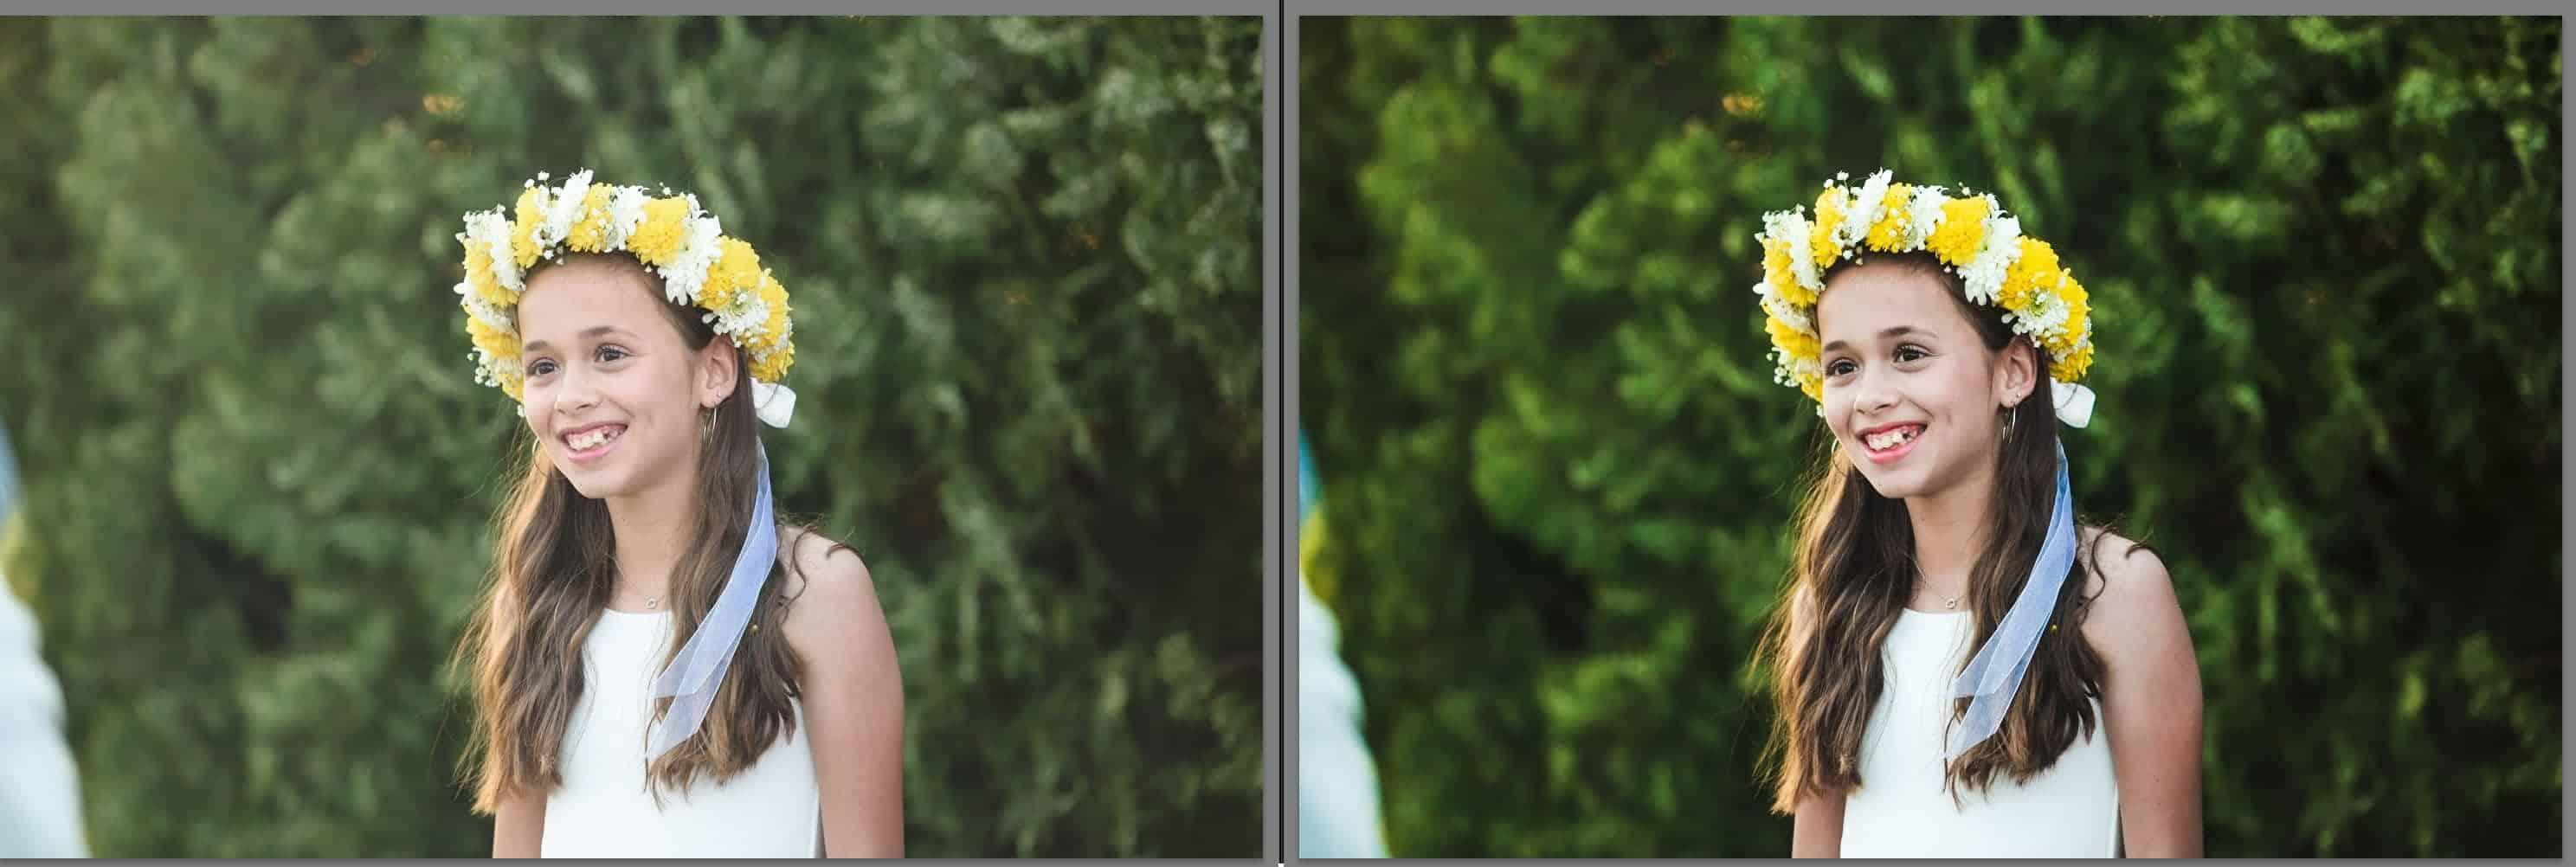 תמונה לפני ואחרי עיבוד